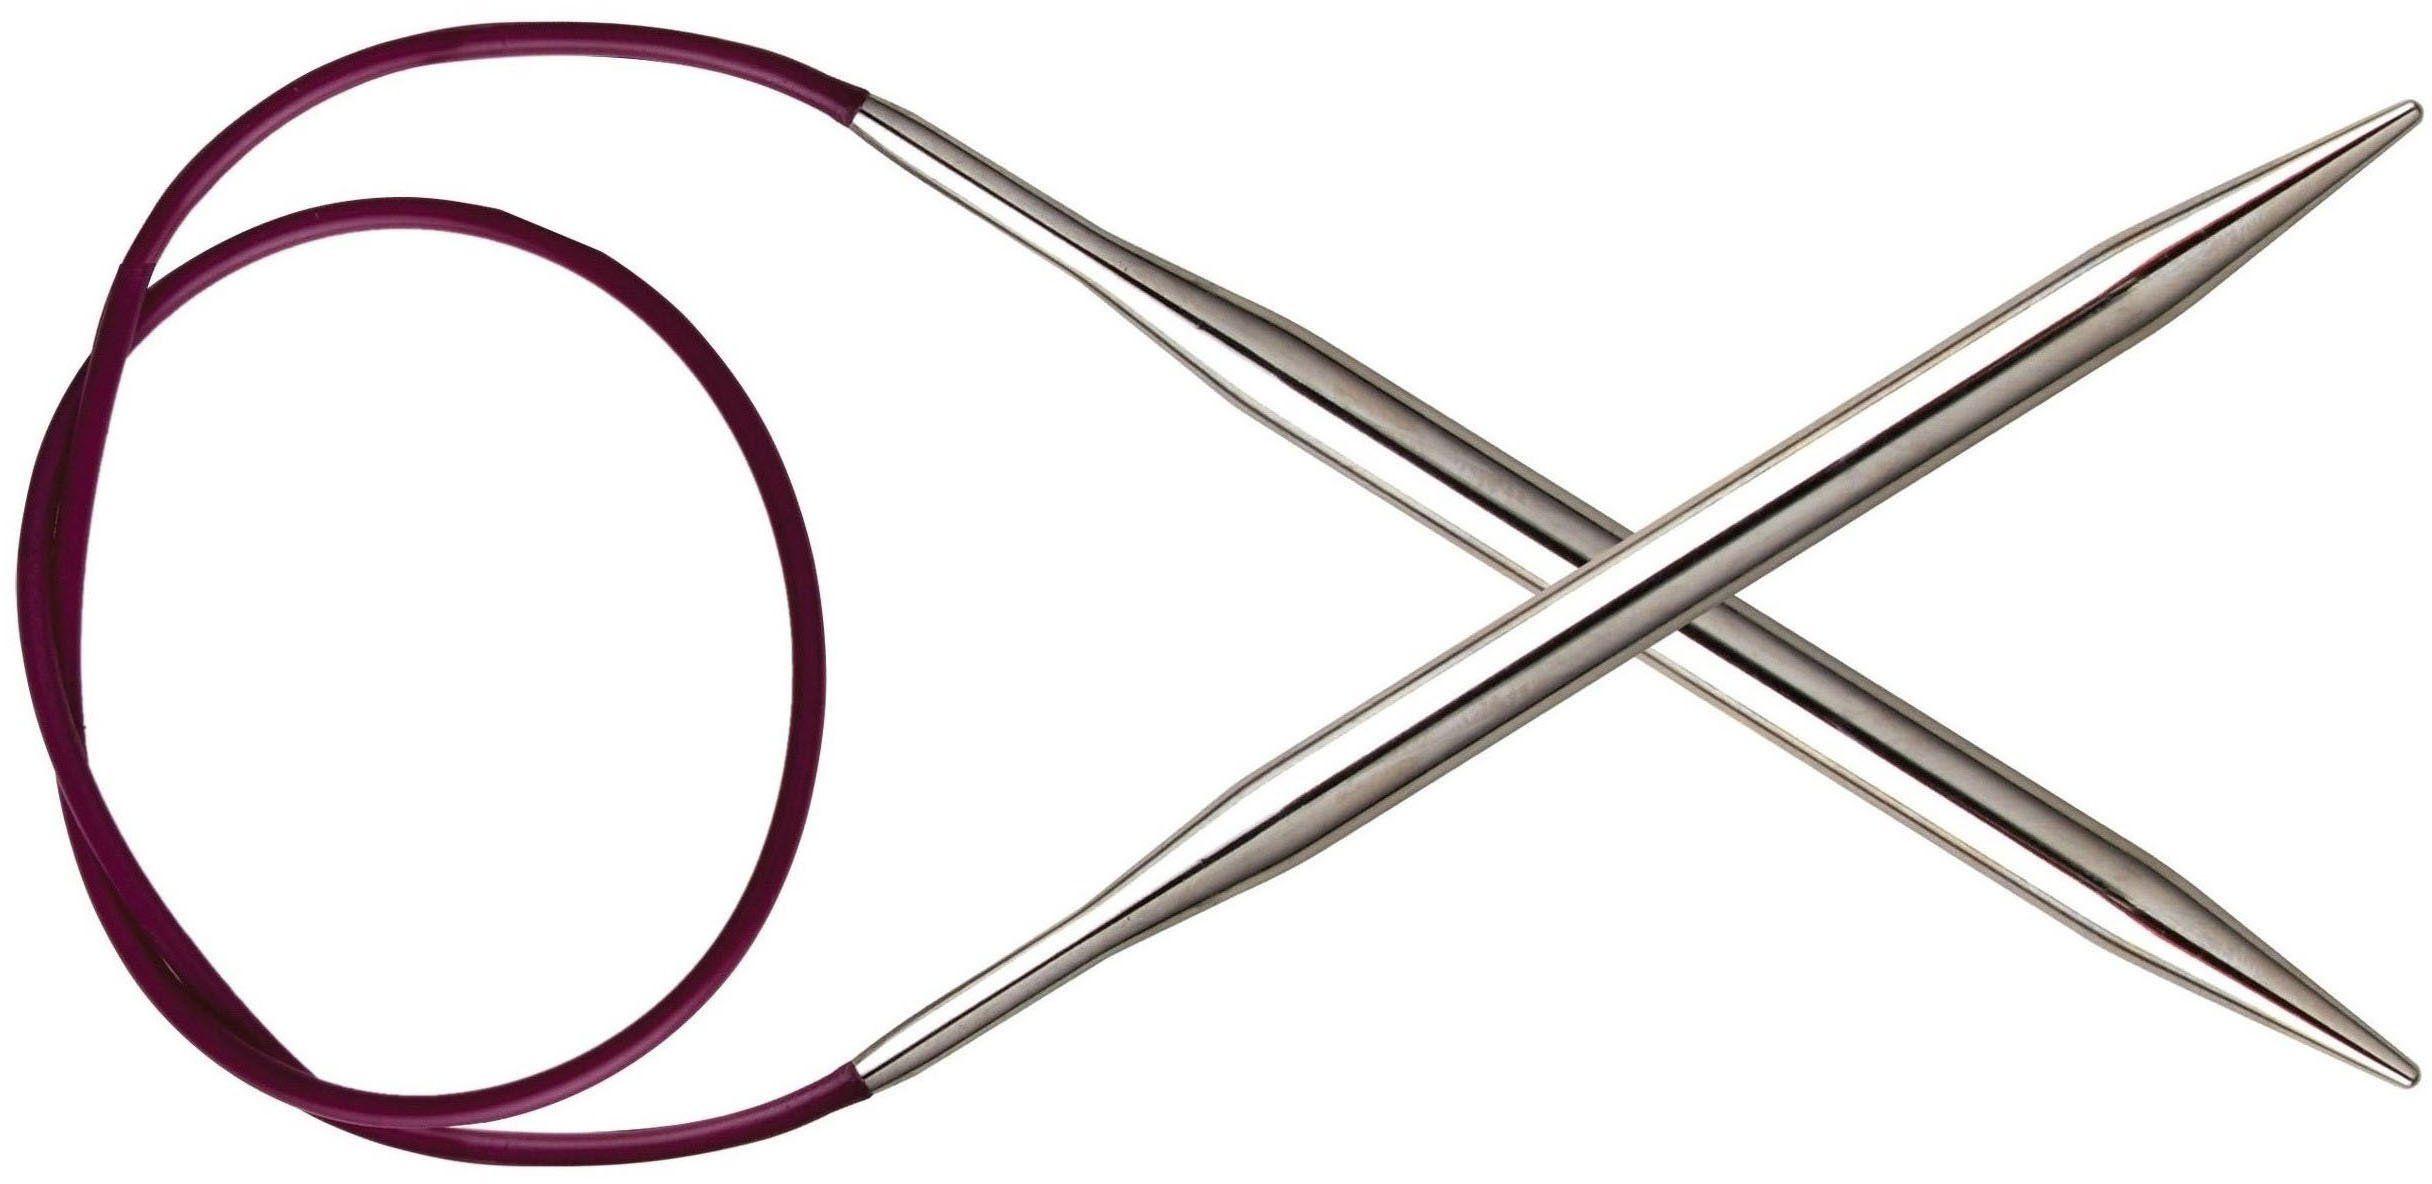 KnitPro Nova Metal: Szpilki dziewiarskie: Okrągły: Stały: 25 cm x 2,00 mm, galwanicznie pusty mosiądz, srebrny, 25 x 0,2 x 0,2 cm